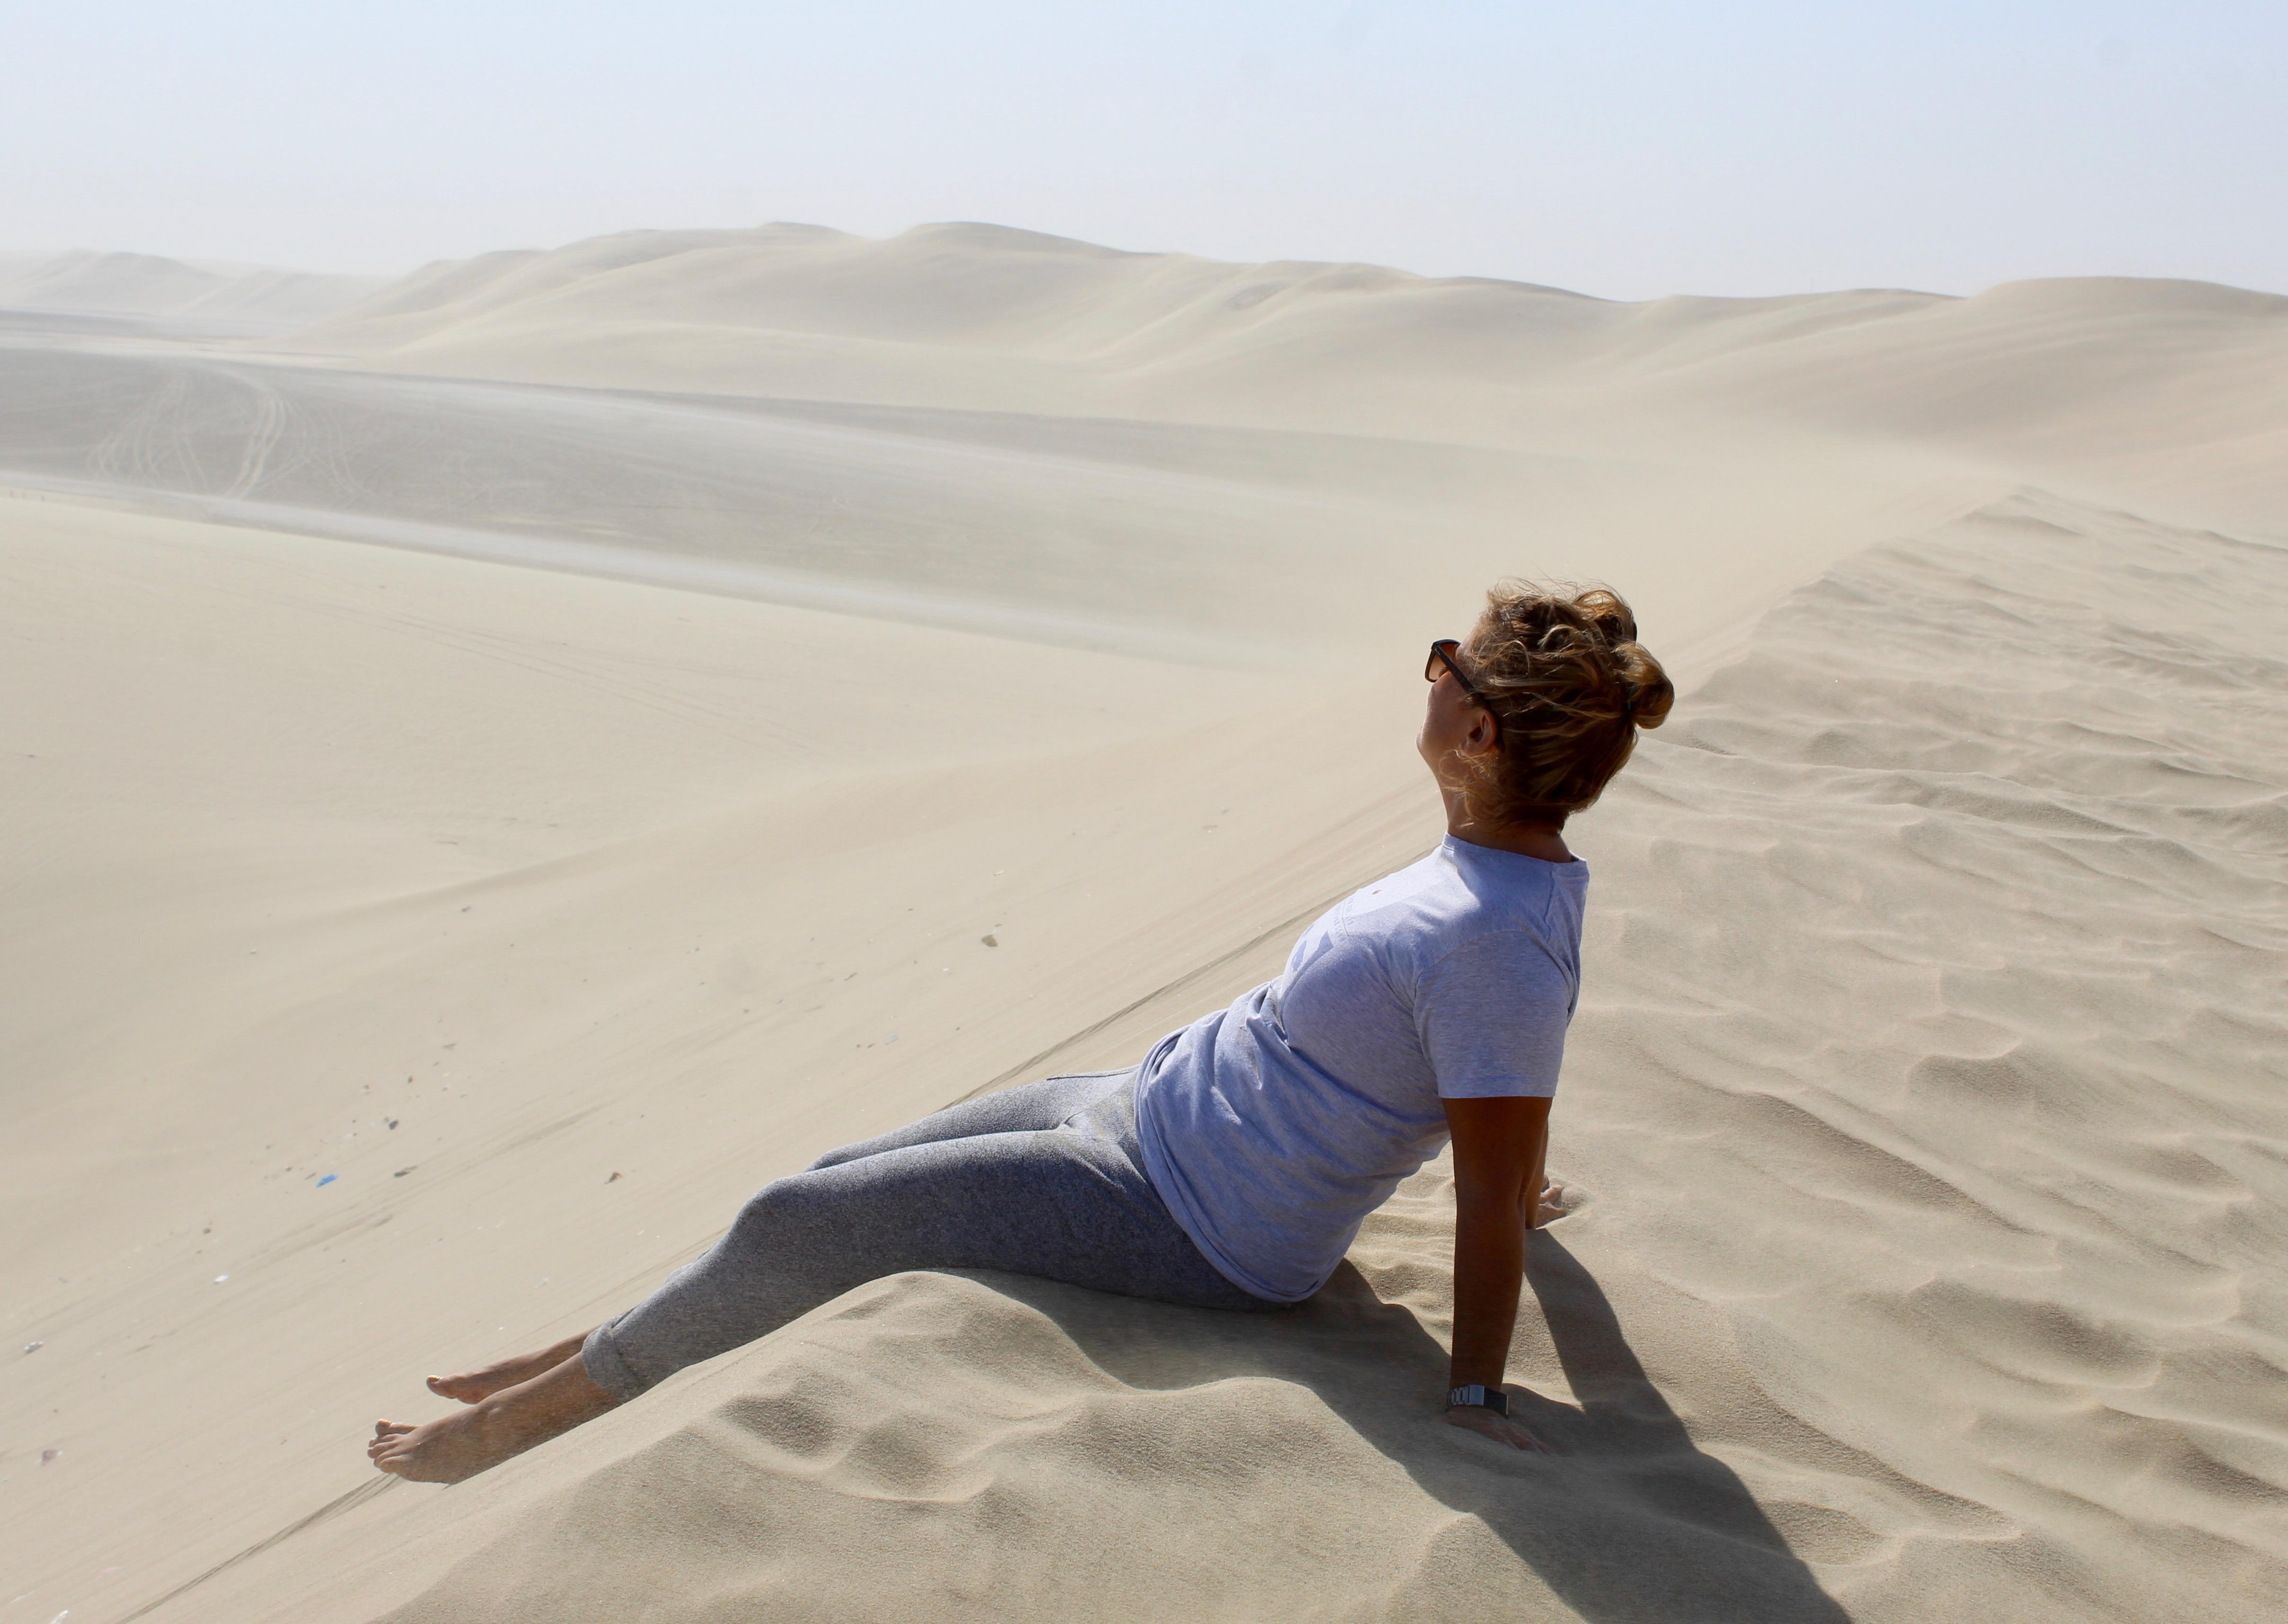 2019 - Qatar - Al Wakrah - Dune Bashing